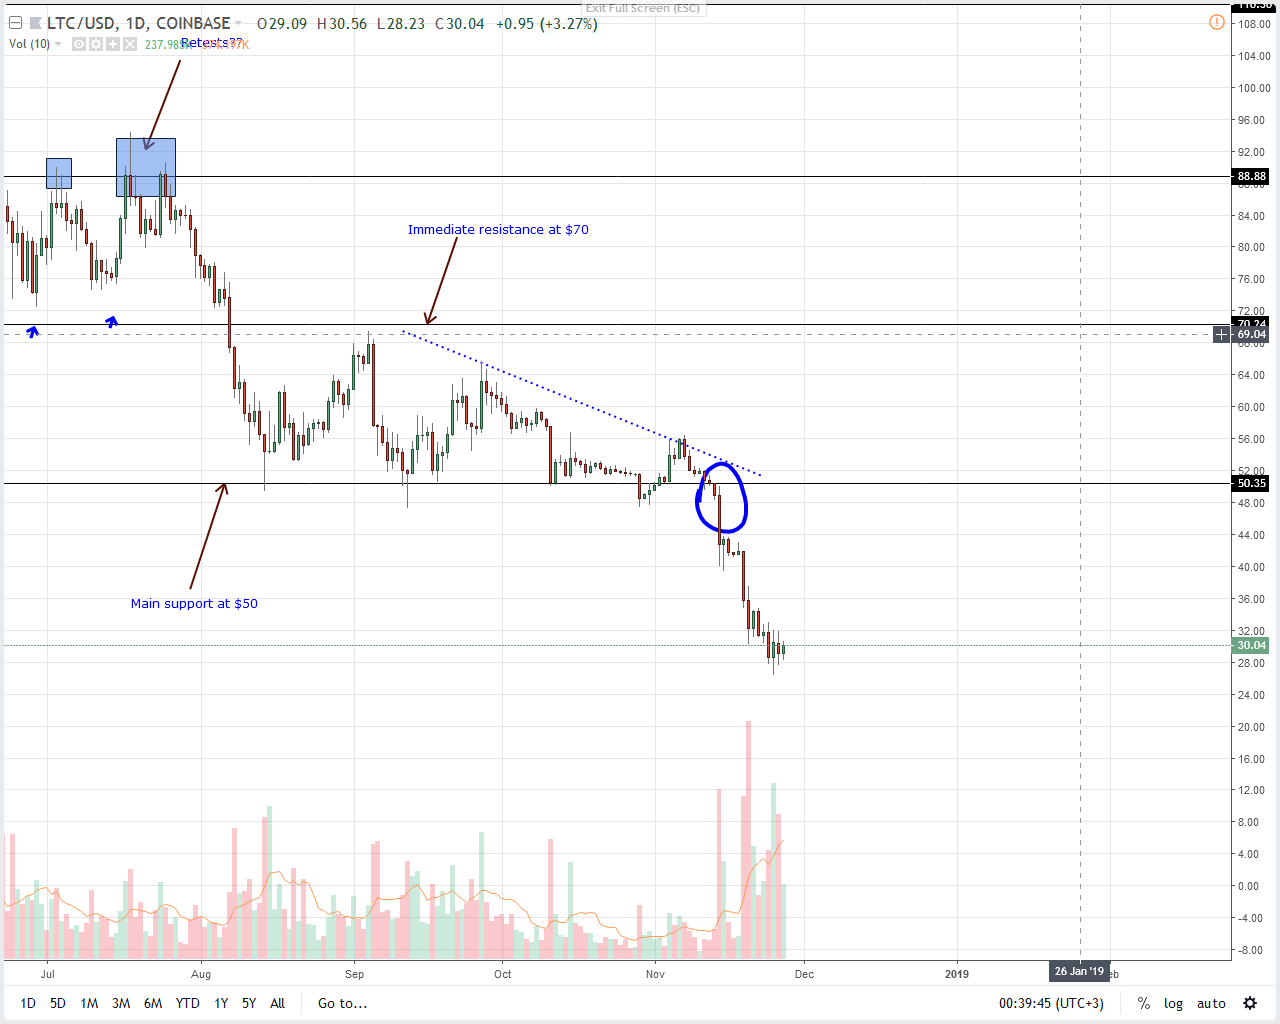 Analysis of LTC / USD prices